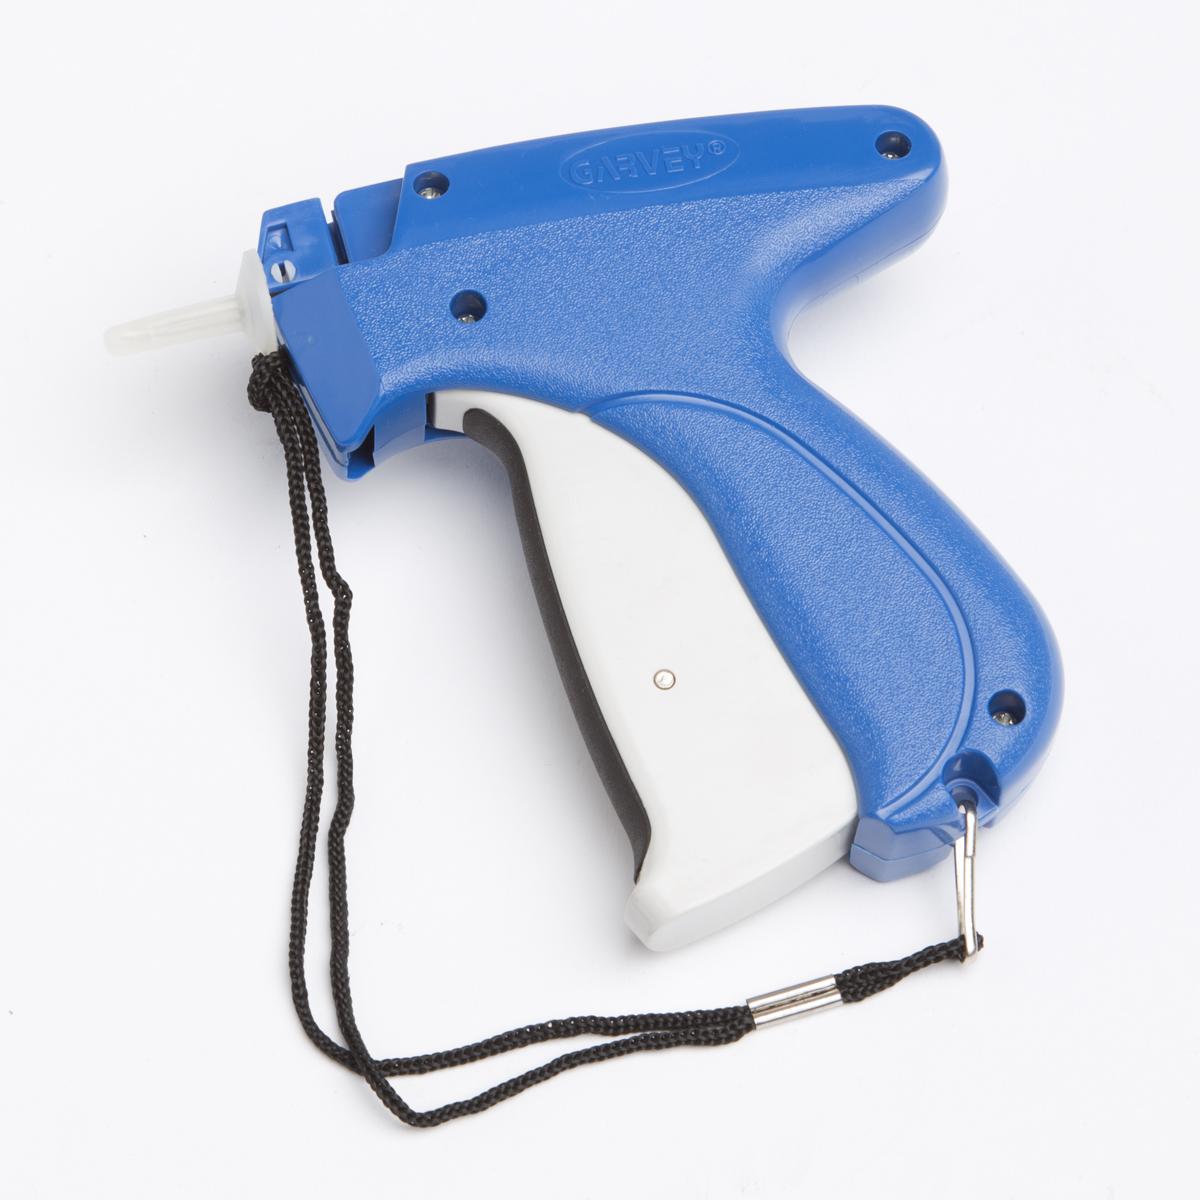 FREEDOM TAGGING GUN